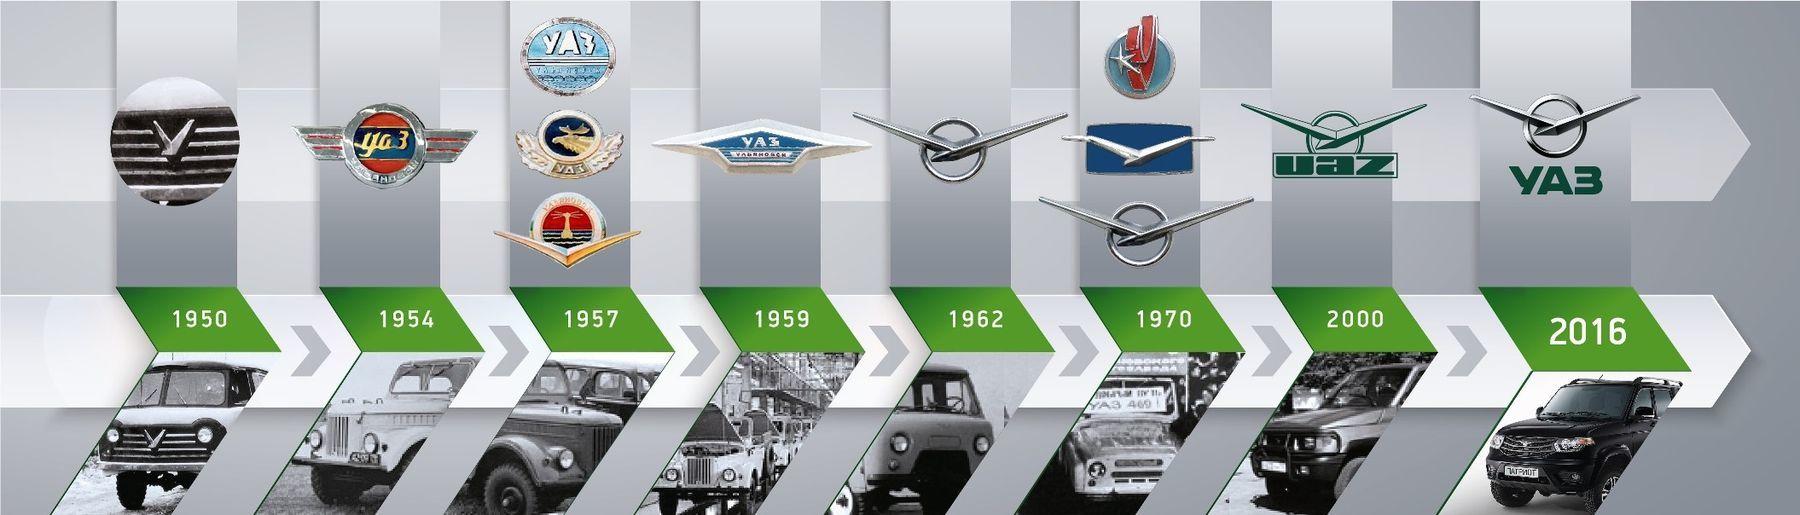 История логотипов легендарного Ульяновского автозавода